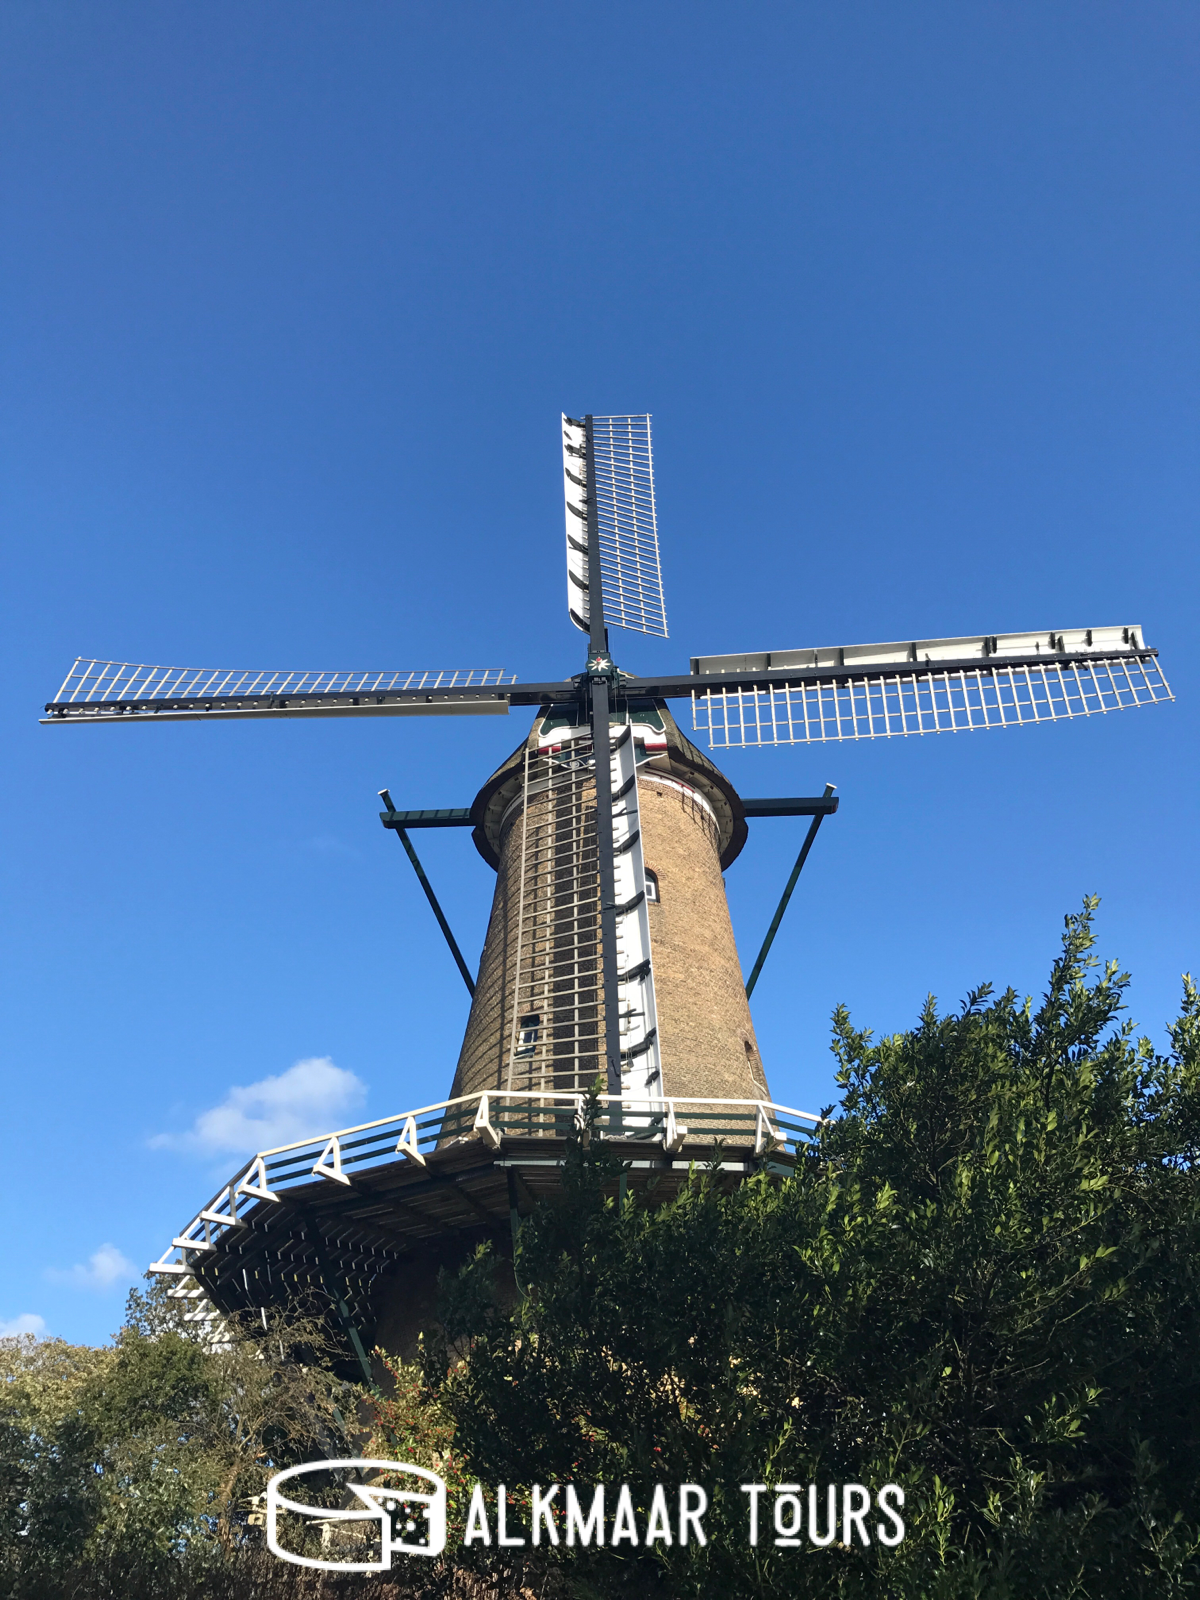 The Molen van Piet